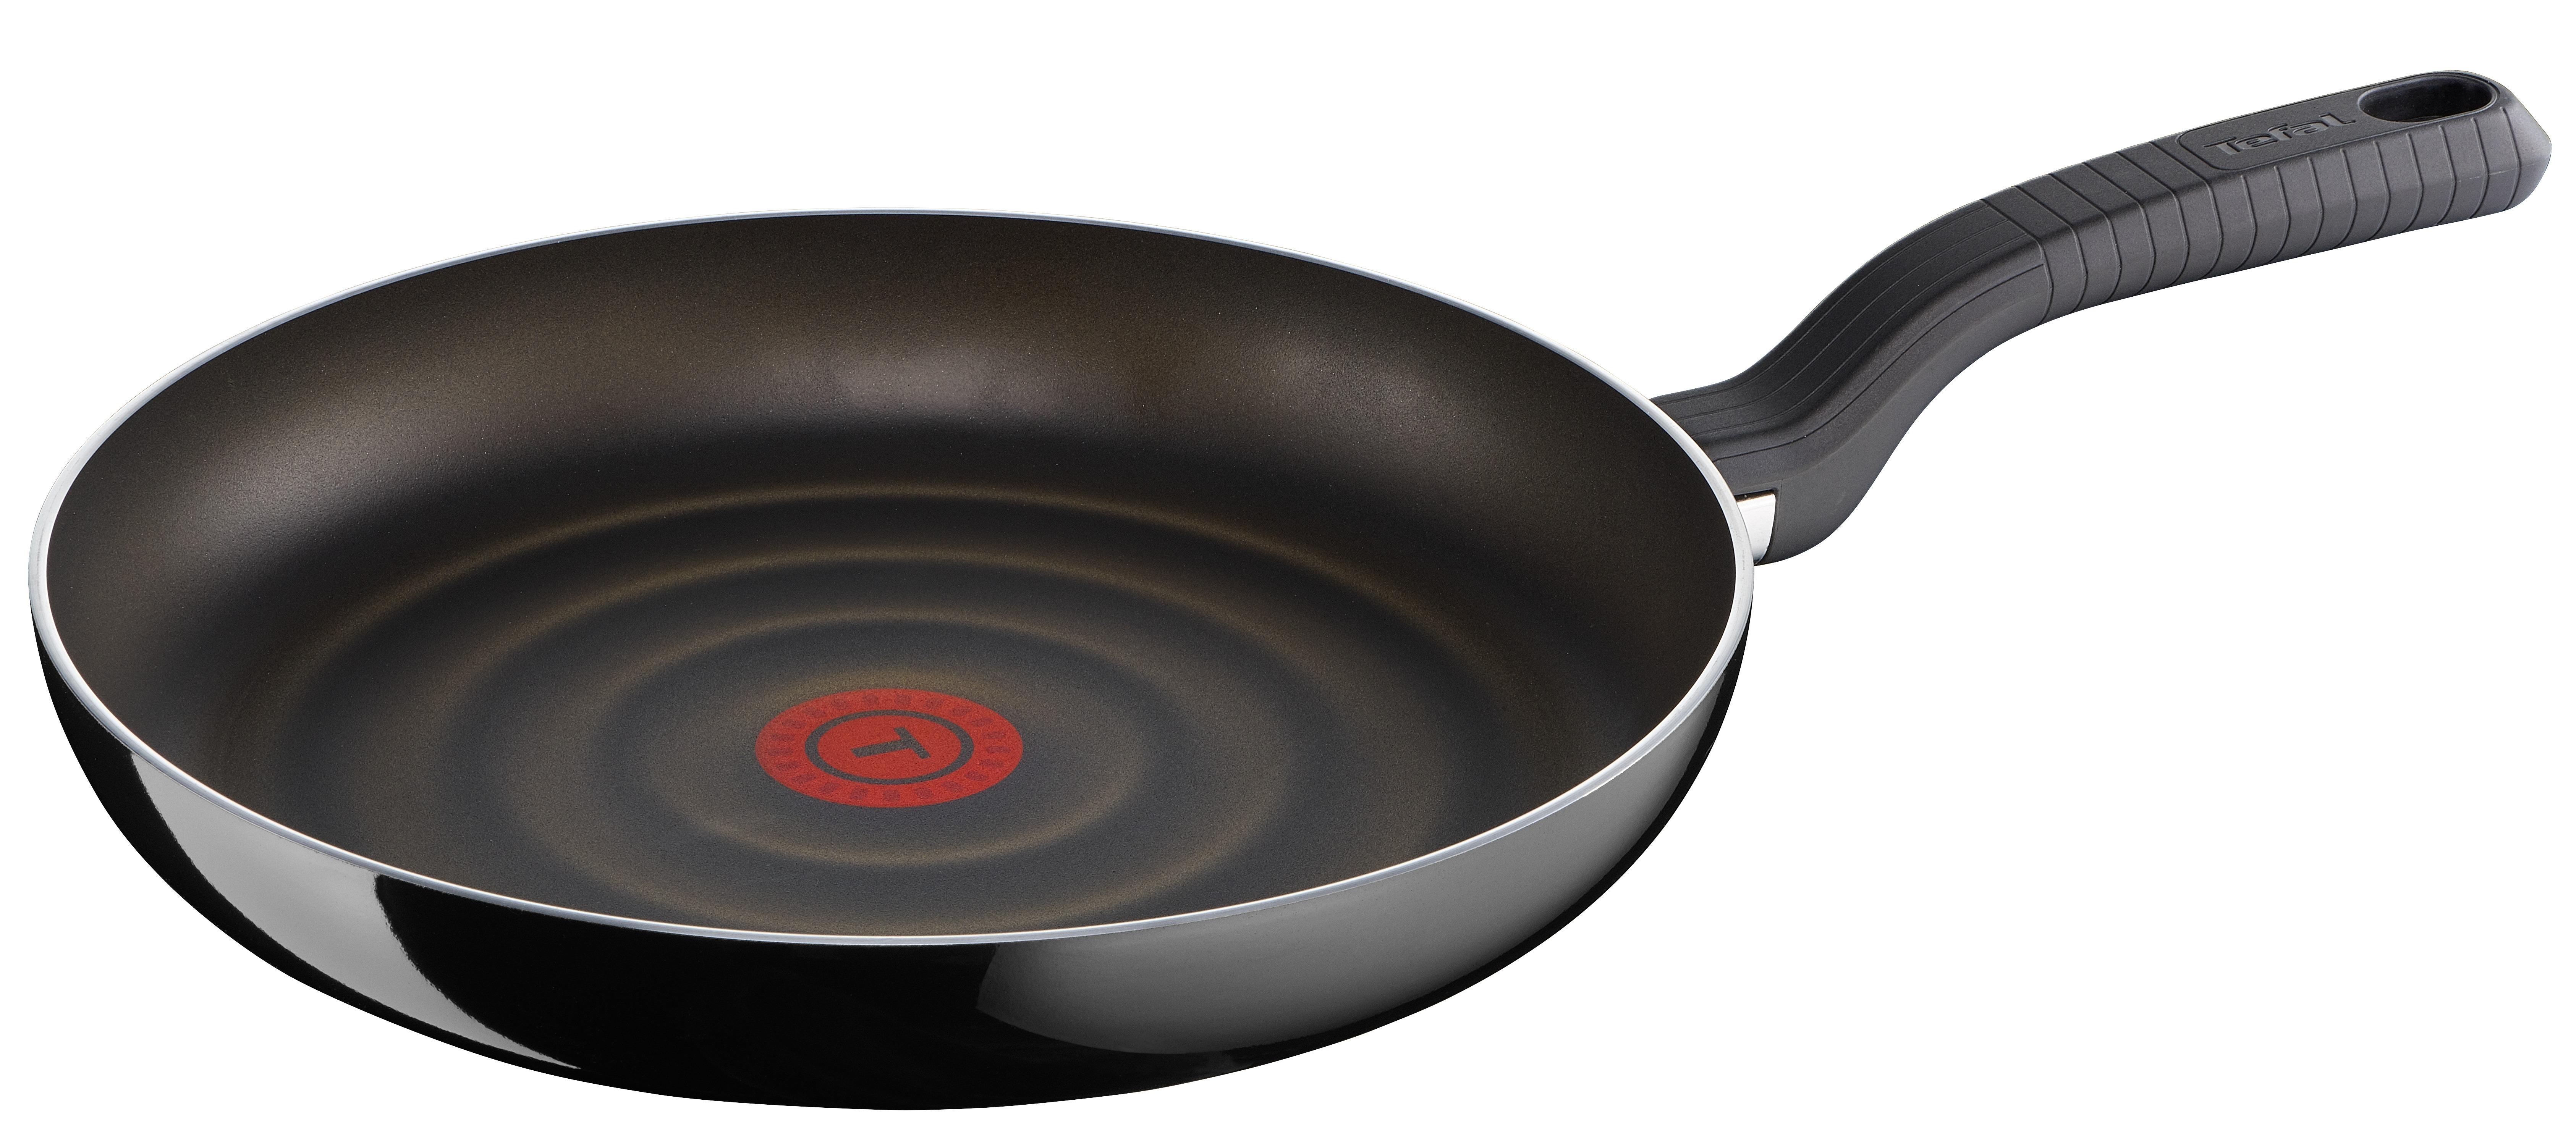 Korting Tefal D50302So Intensive koekenpan 20 cm pan